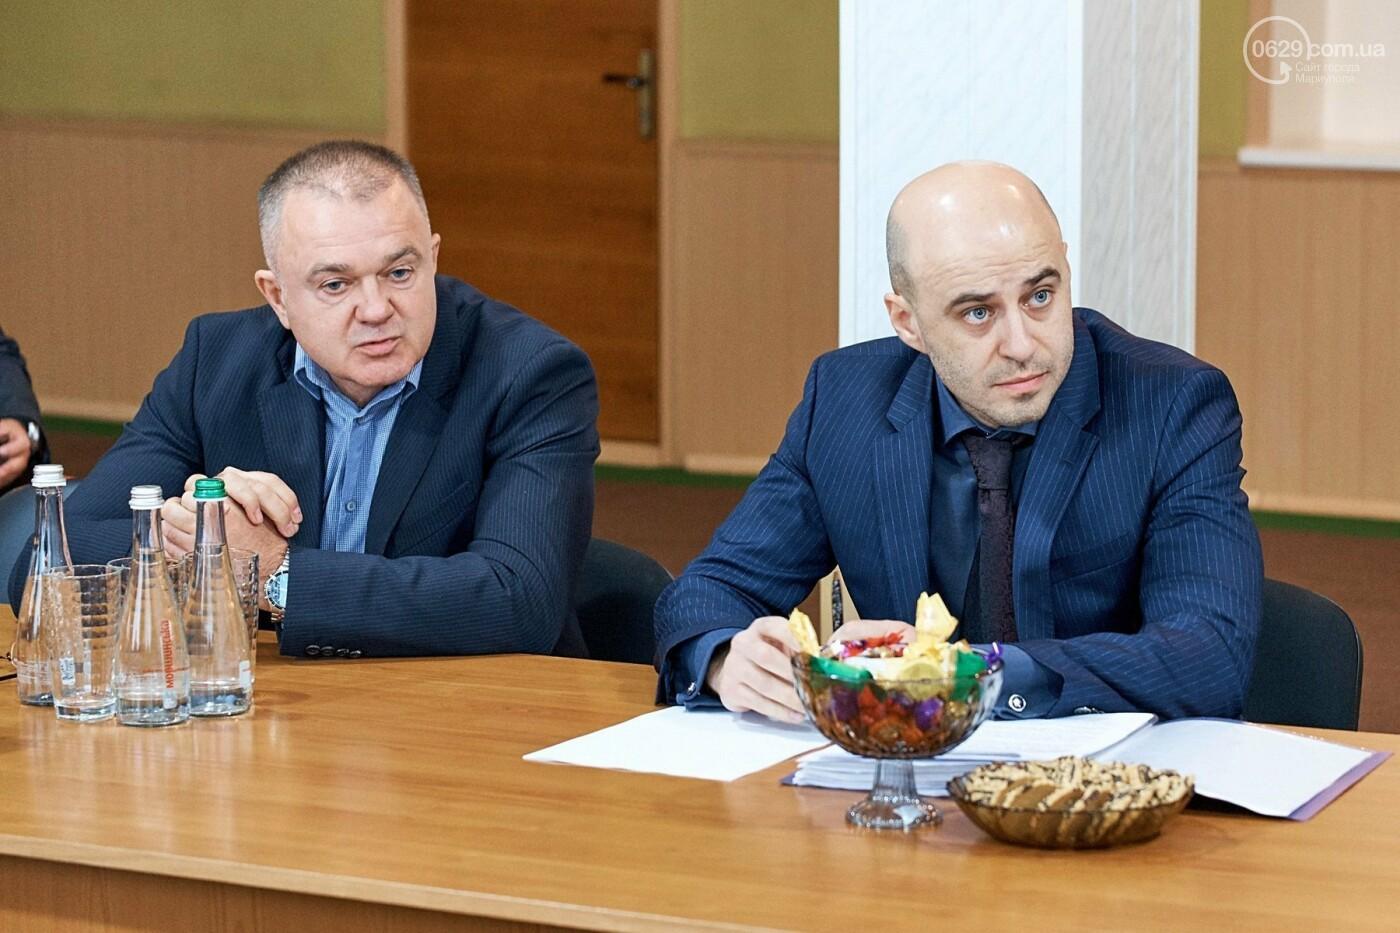 Судьба Азовского судоремонтного завода должна решиться через три недели,- ФОТО, фото-5